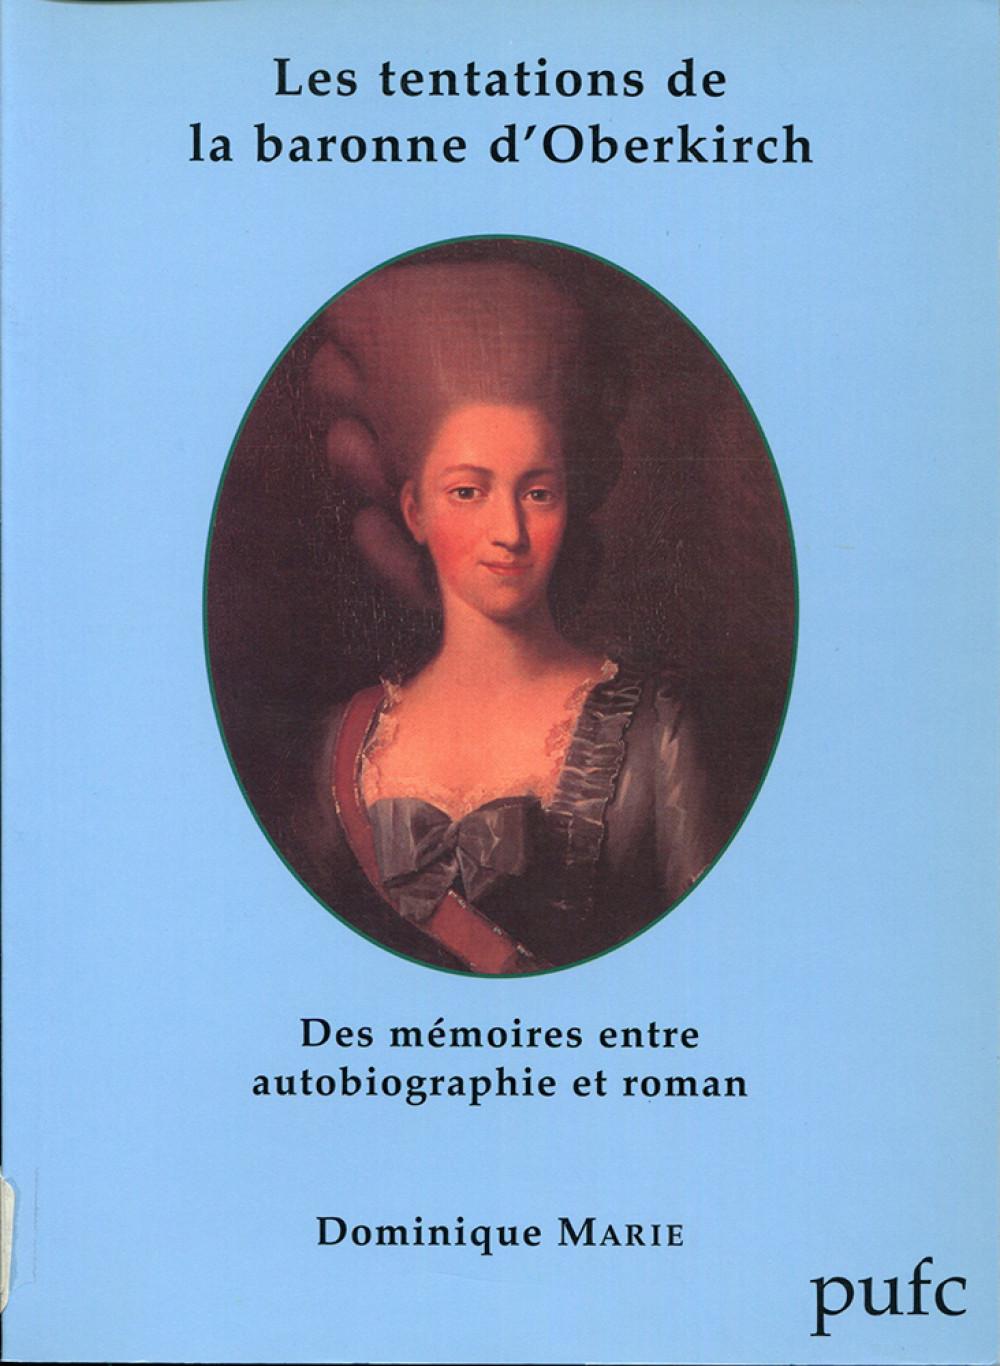 Les tentations de la baronne d'Oberkirch : entre autobiographie et roman